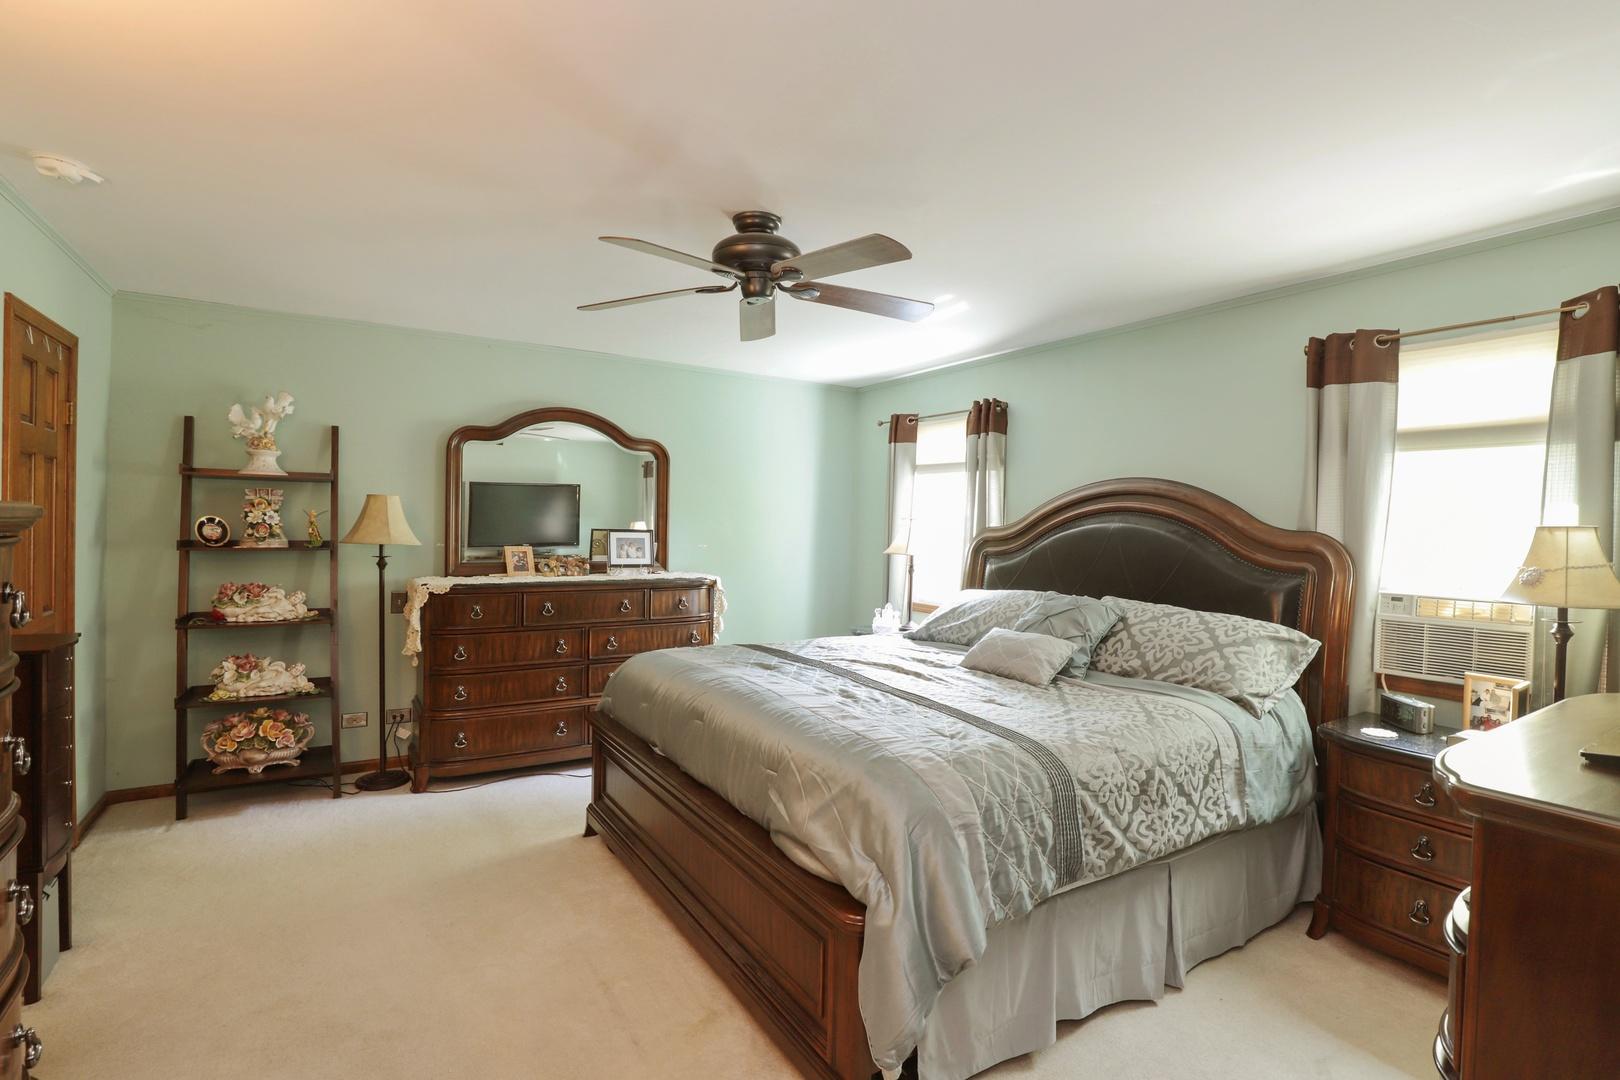 17577 West Woodland, Grayslake, Illinois, 60030